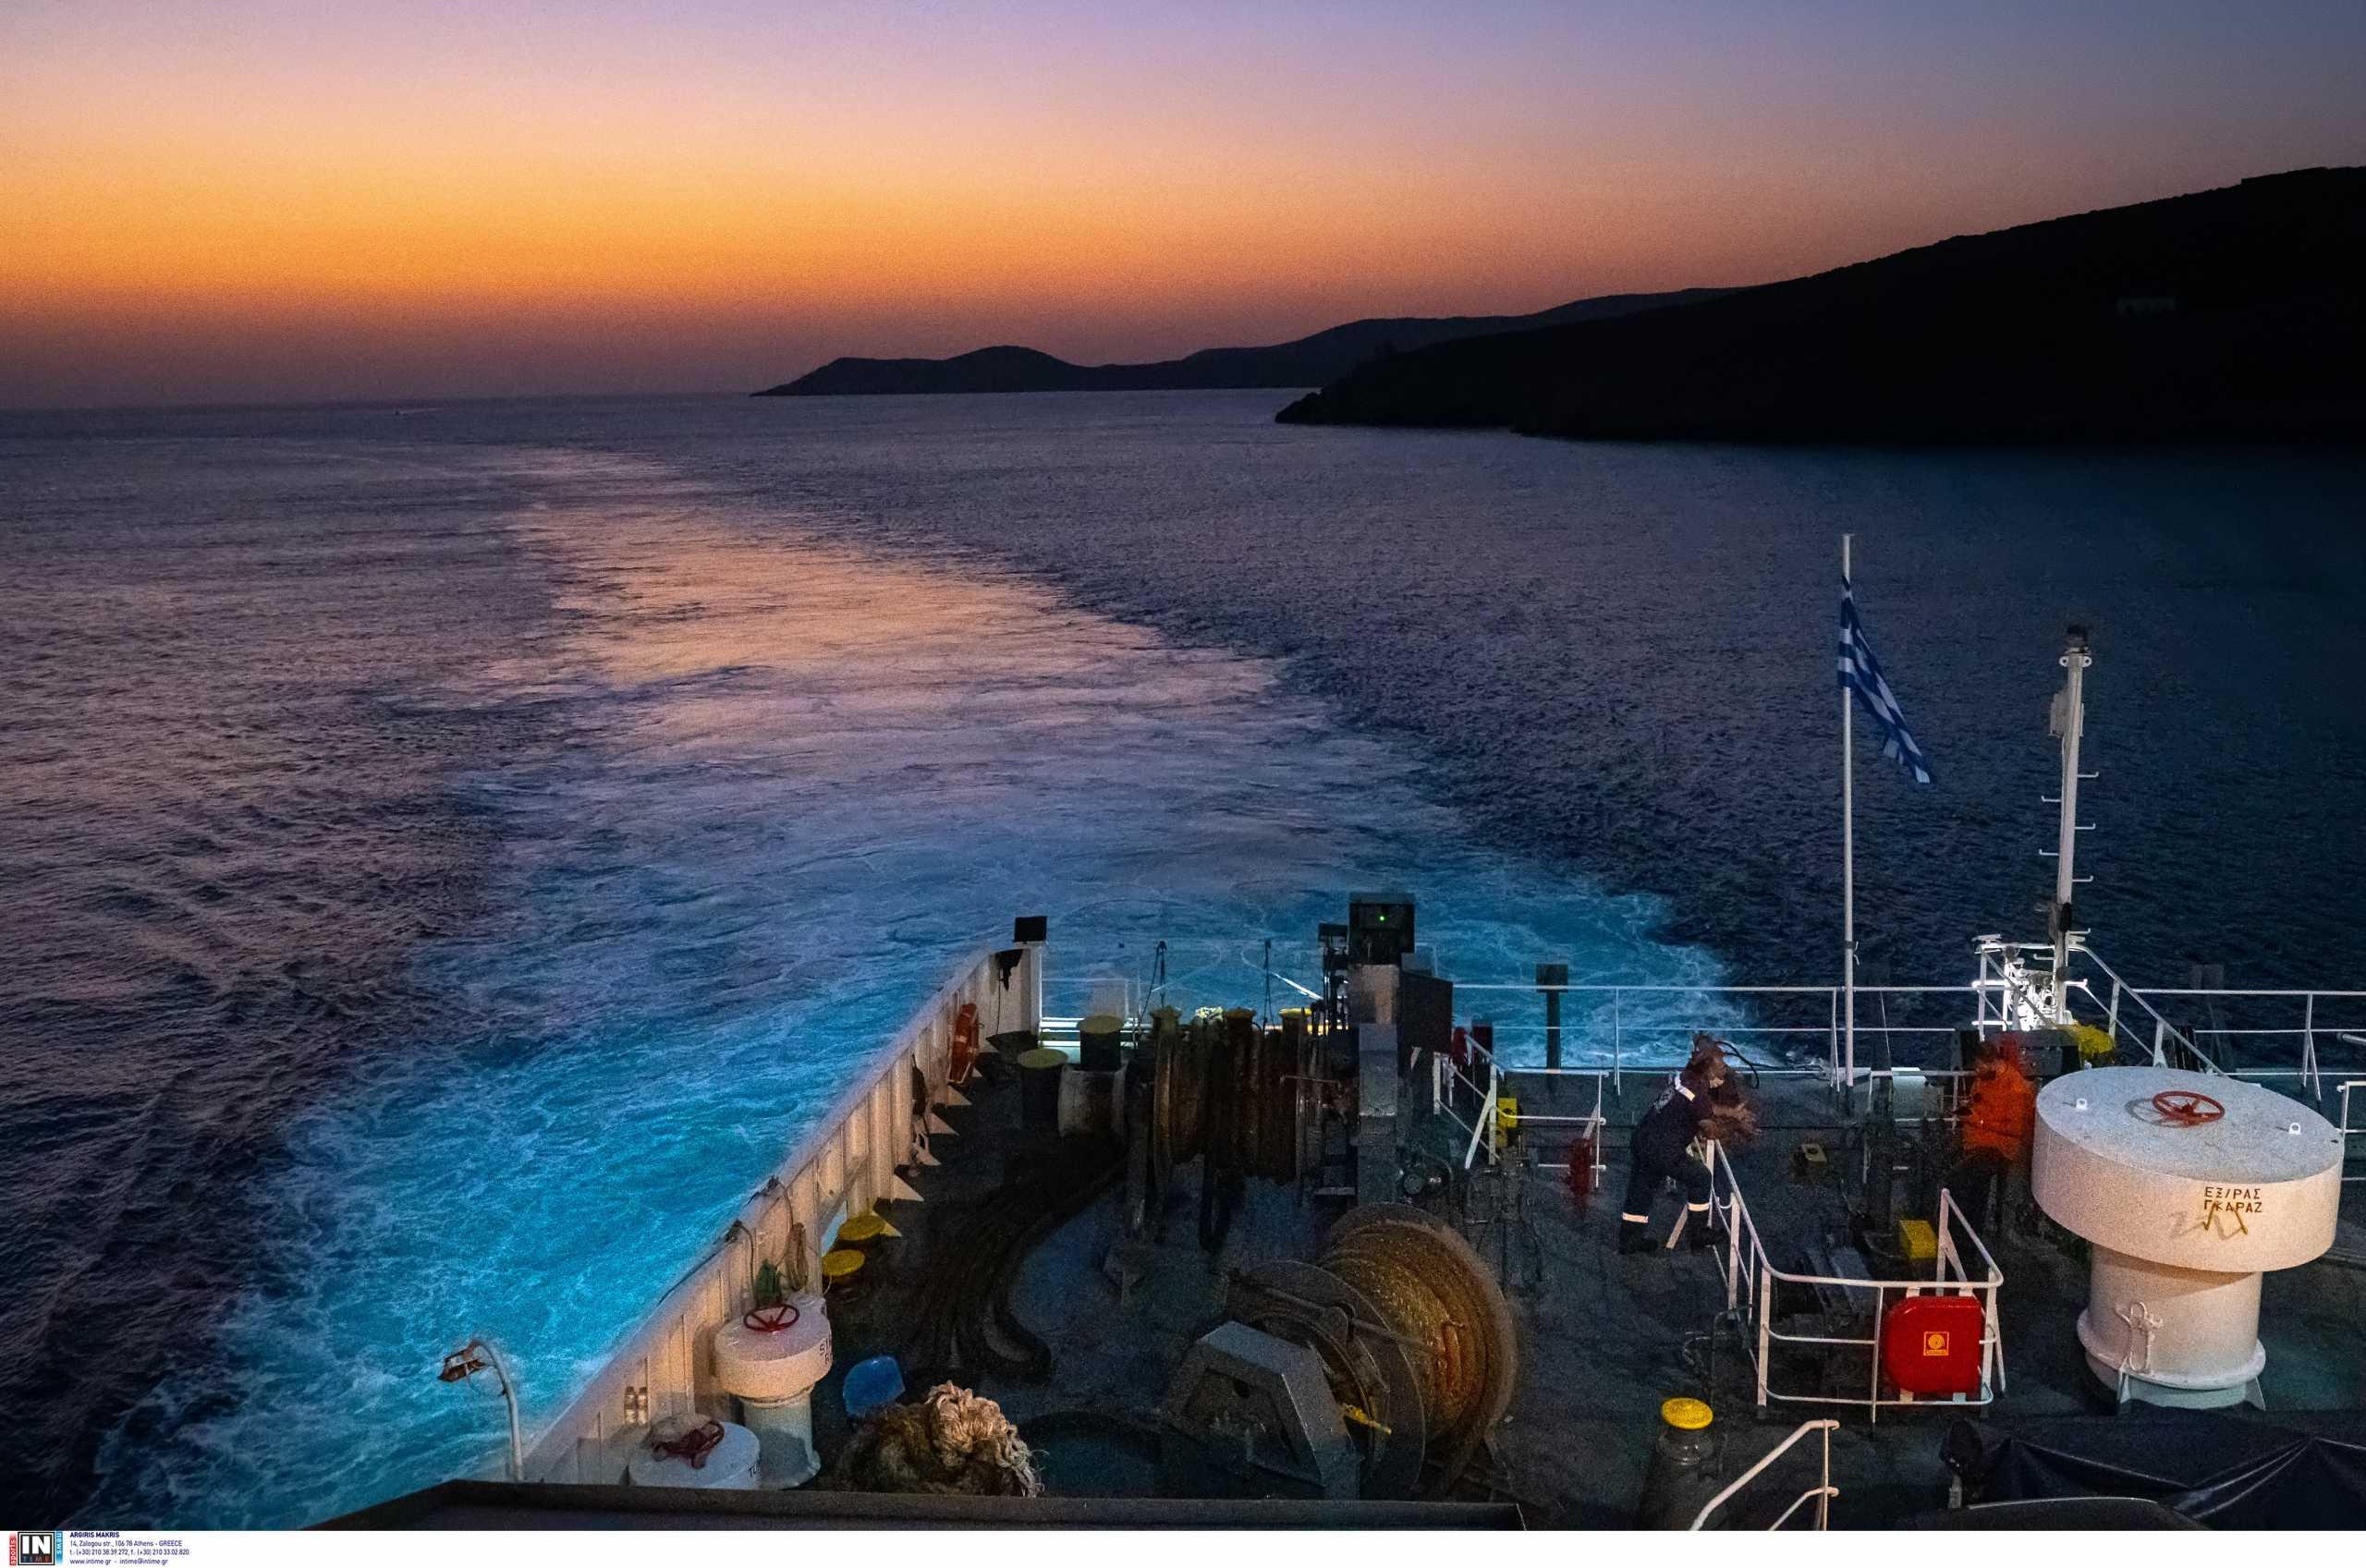 Κύθνος: Ακυβέρνητο πλοίο λόγω μηχανικής βλάβης